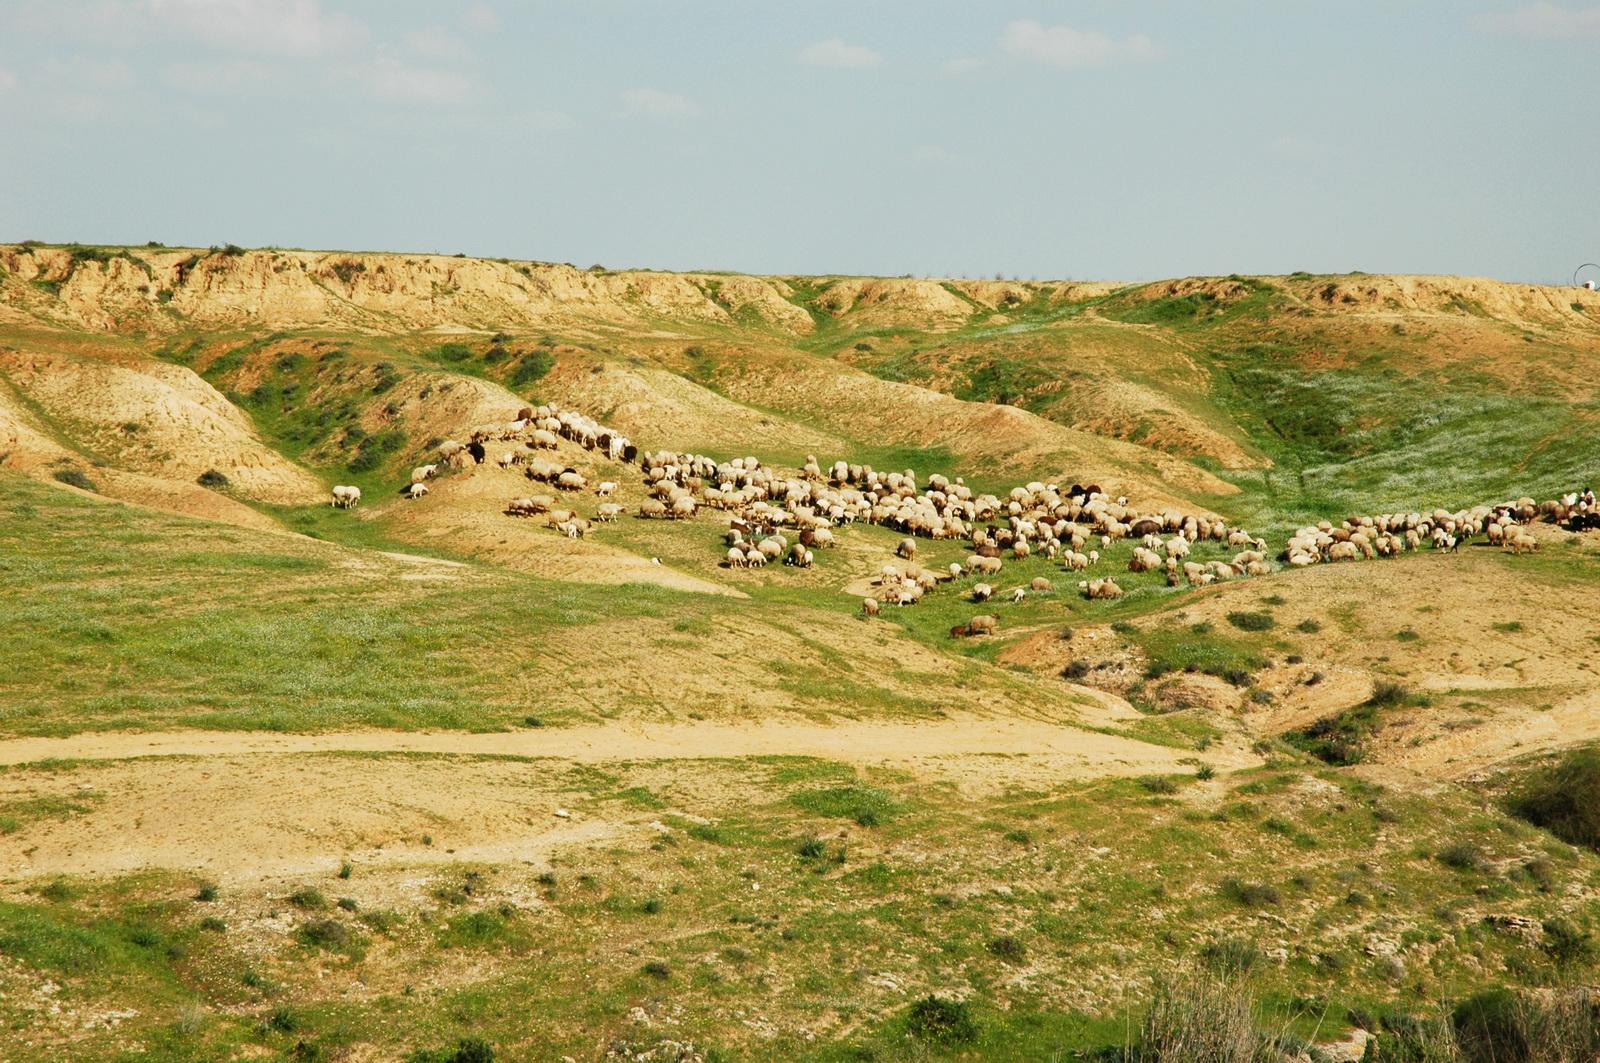 עדר כבשים במדבר יהודה